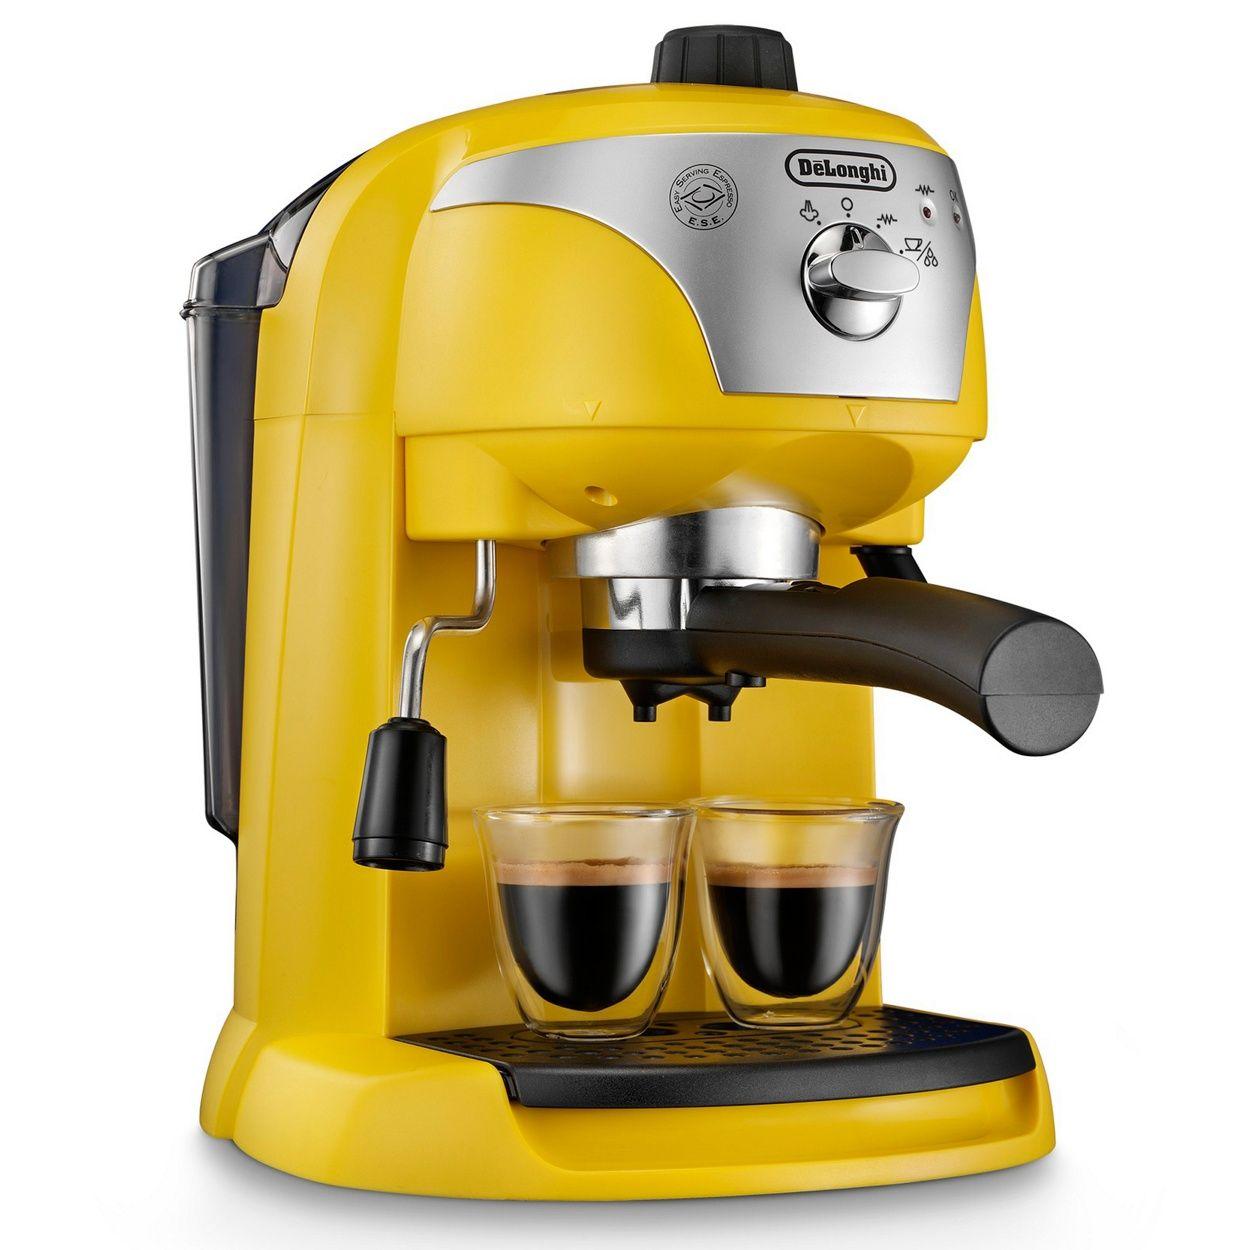 Delonghi Delonghi Yellow Motivo Ecc220y Espresso Coffee